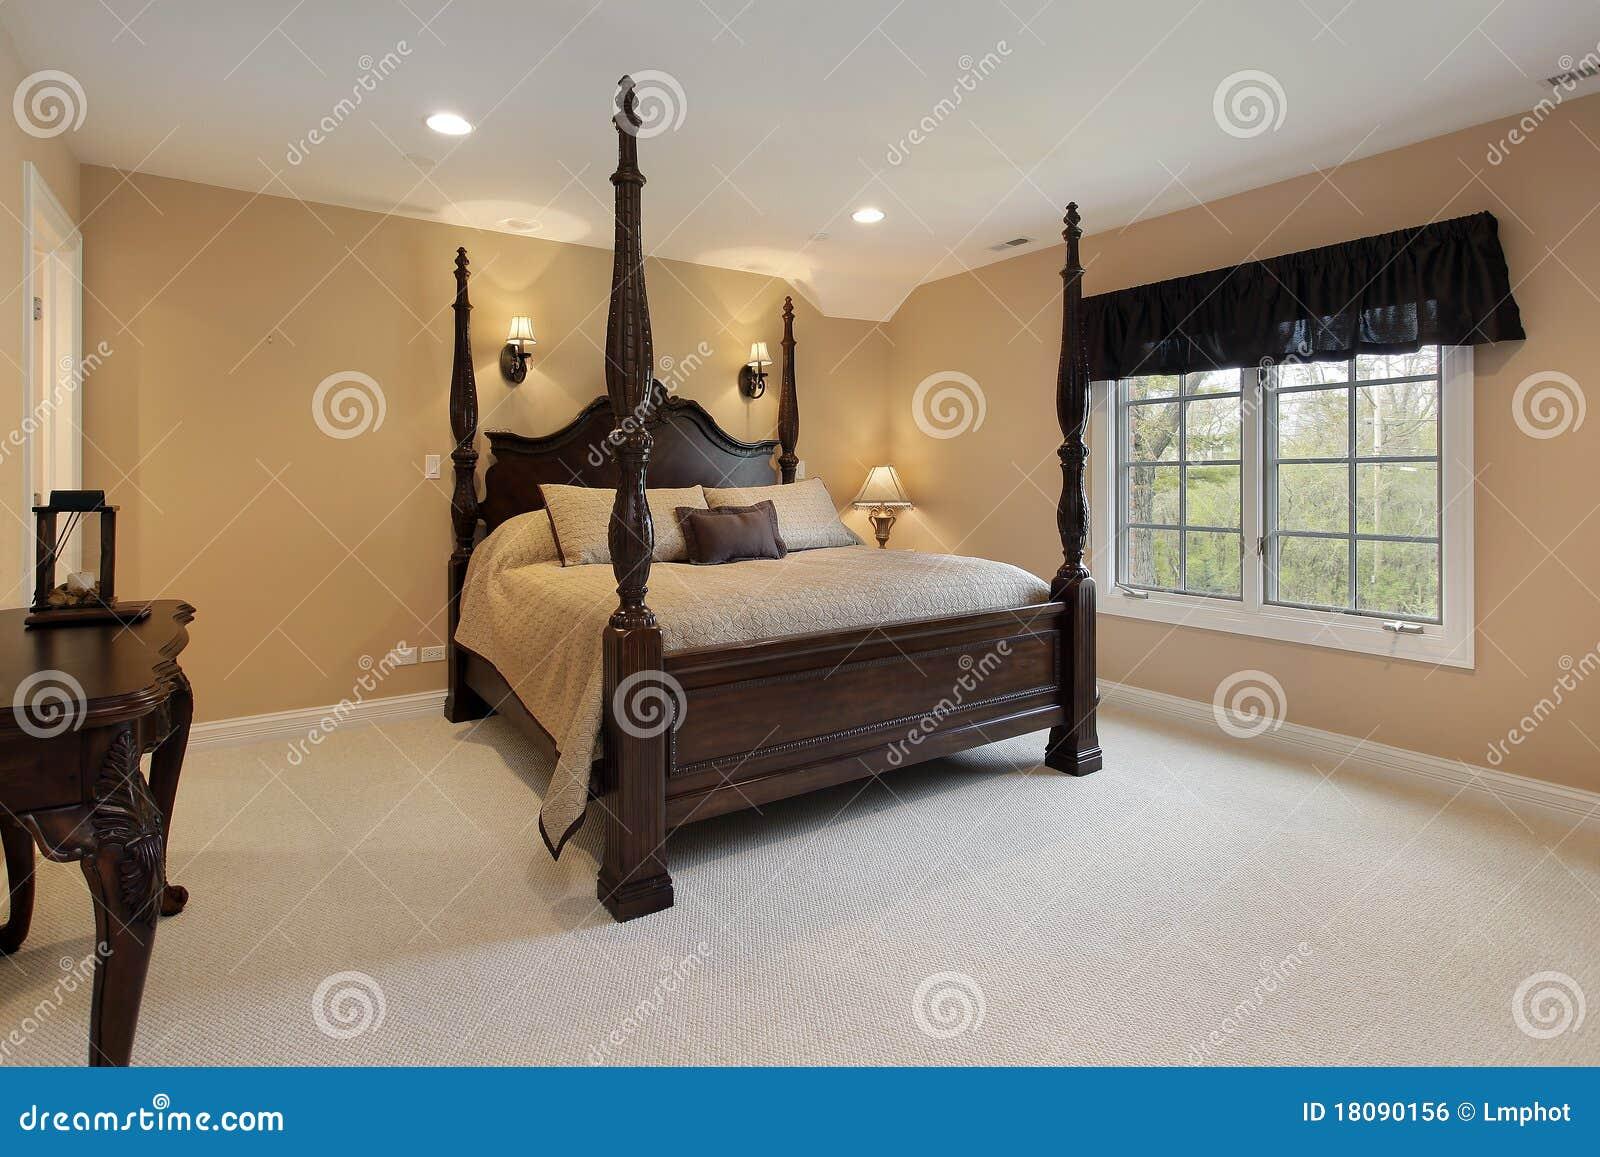 Pareti Camera Da Letto Oro: Come dipingere le pareti della camera da ...